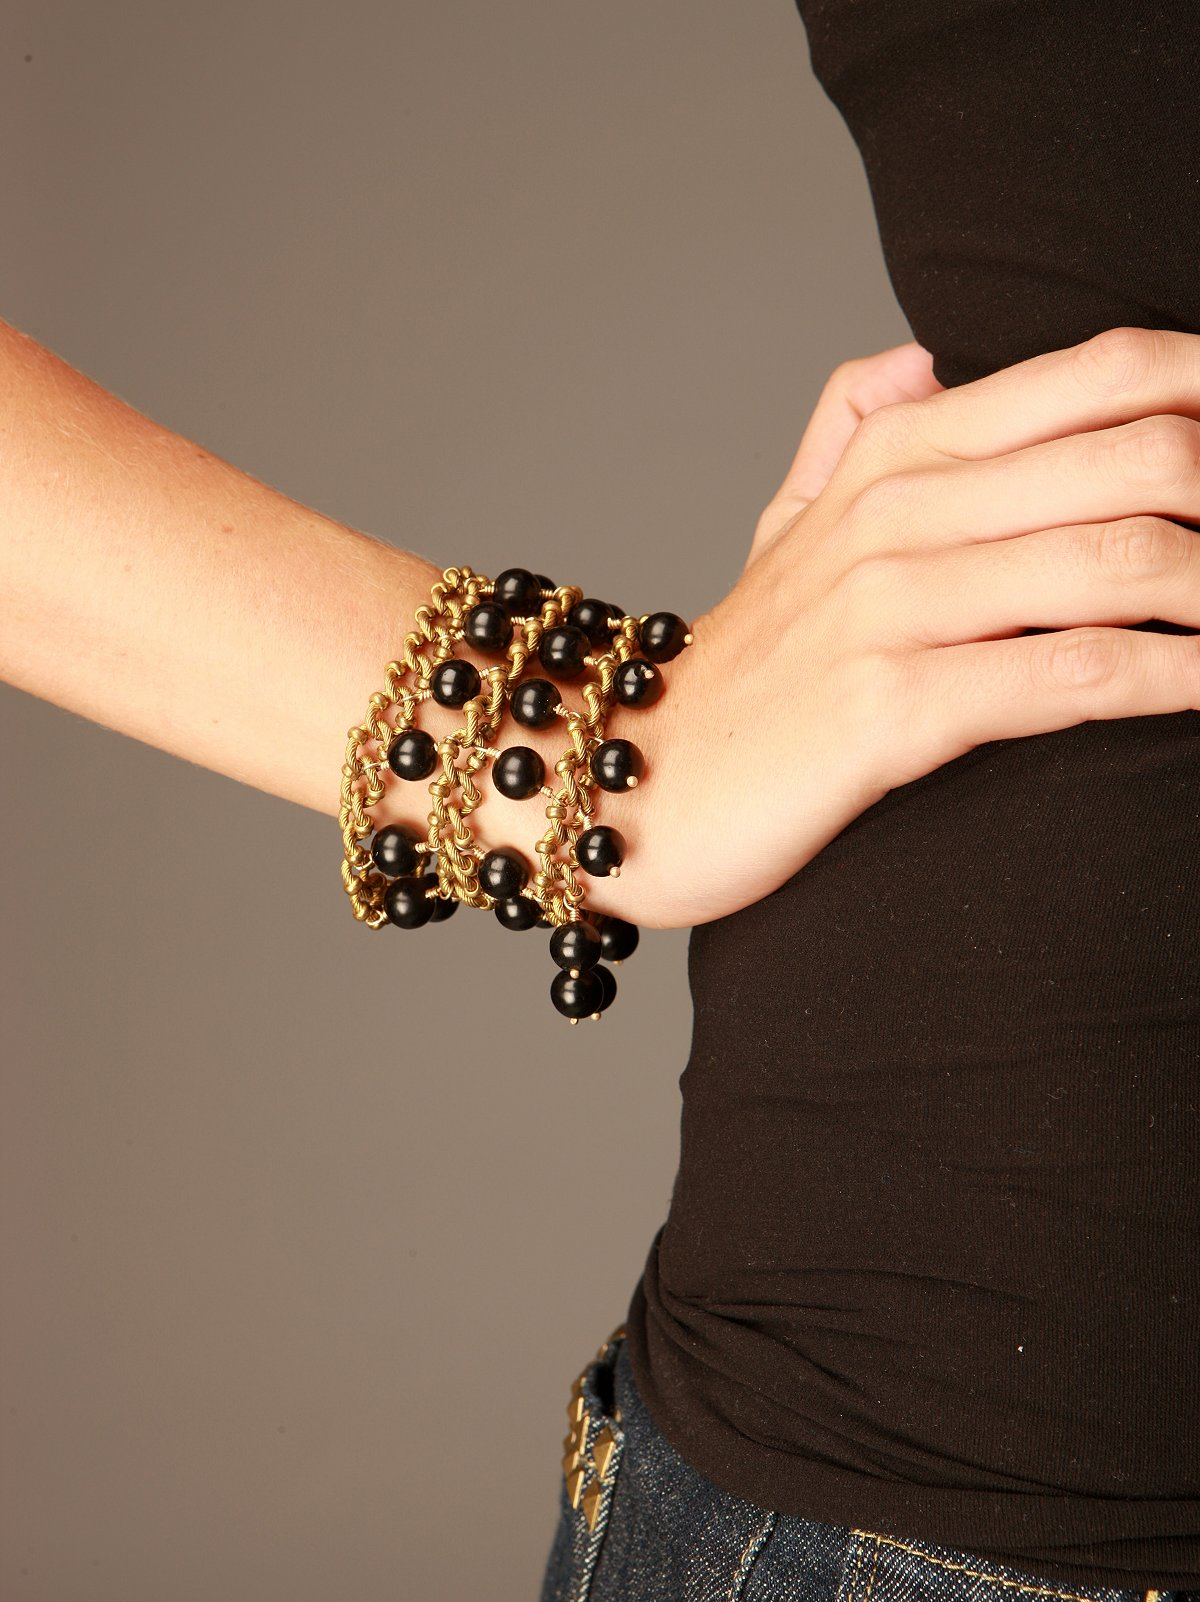 Tudor Chain Cuff